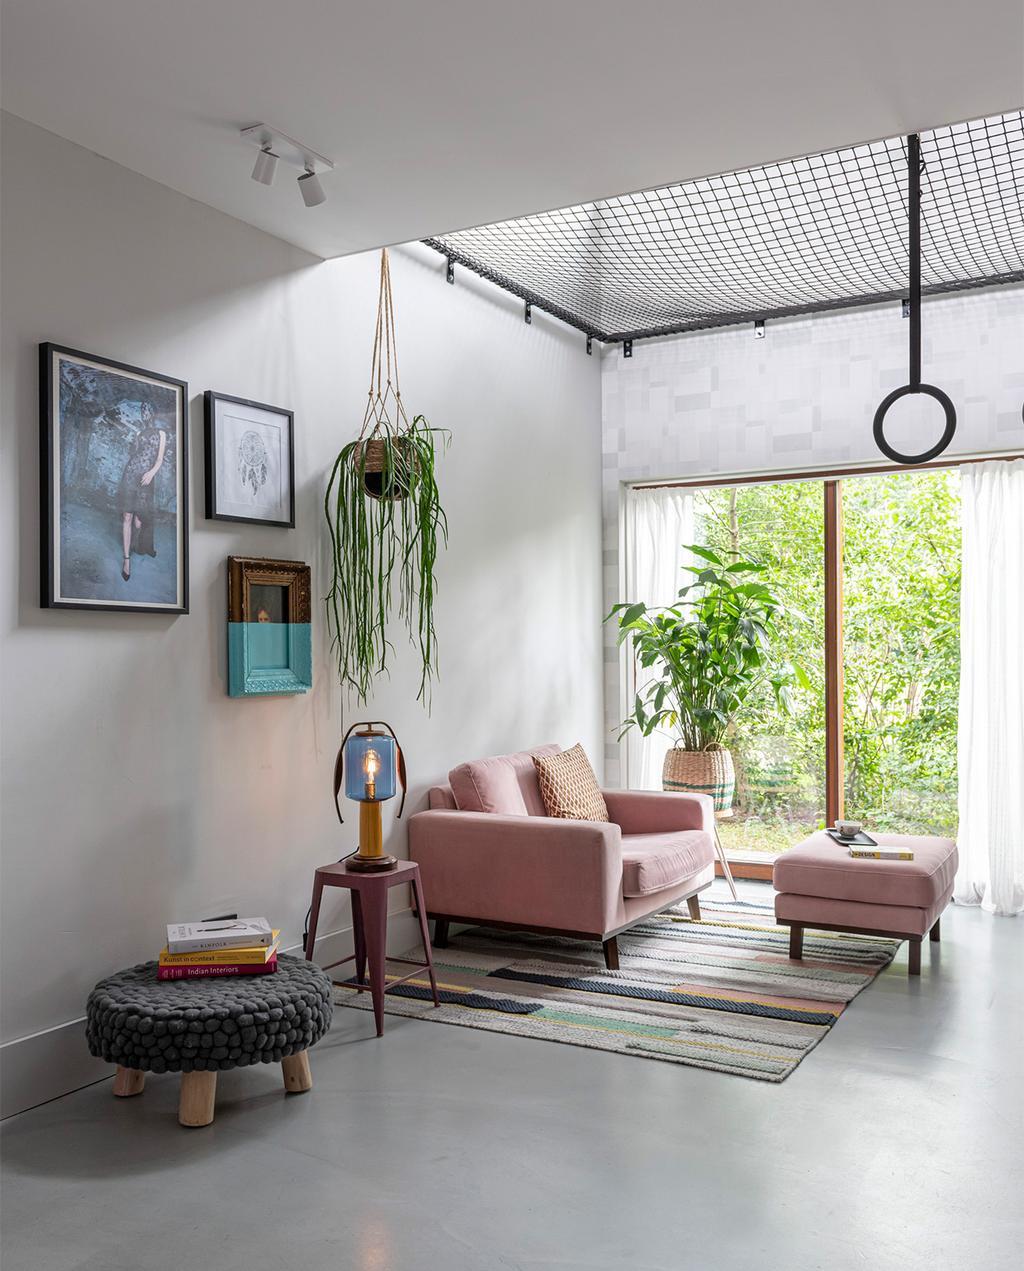 vtwonen 07-2021 | roze bank met een net en ringen